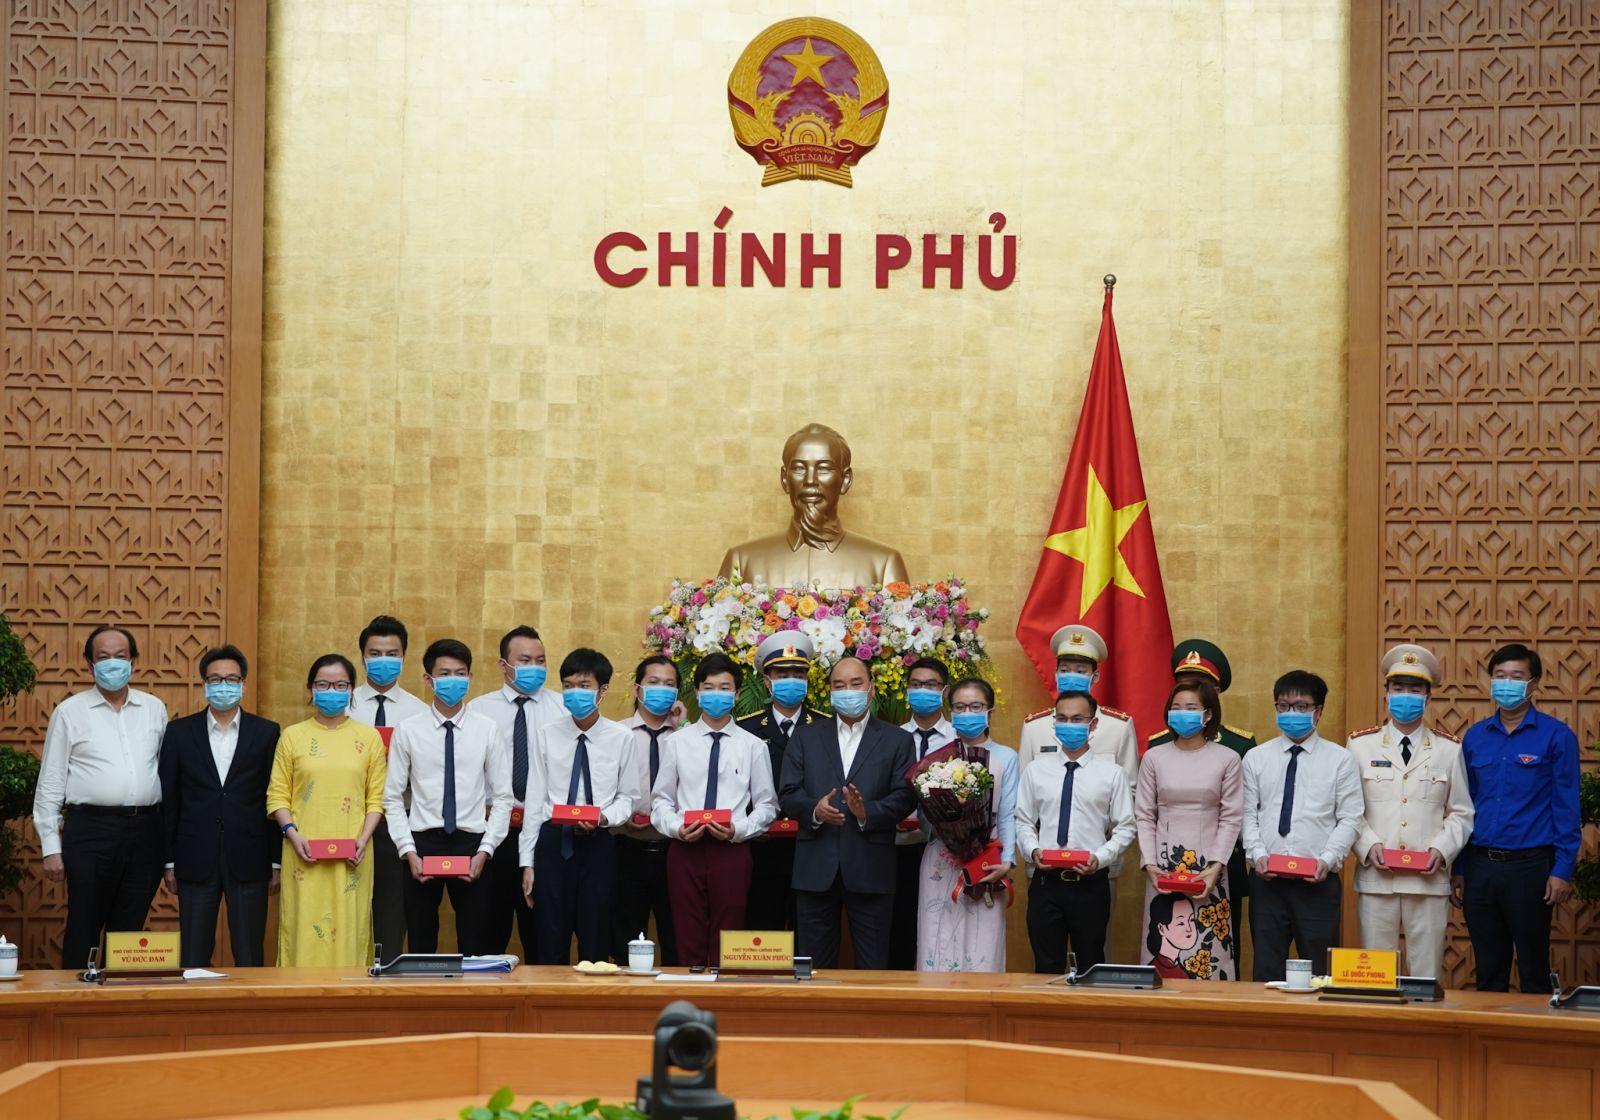 Thủ tướng tặng quà cho các gương mặt trẻ tiêu biểu. Ảnh: VGP/Quang Hiếu